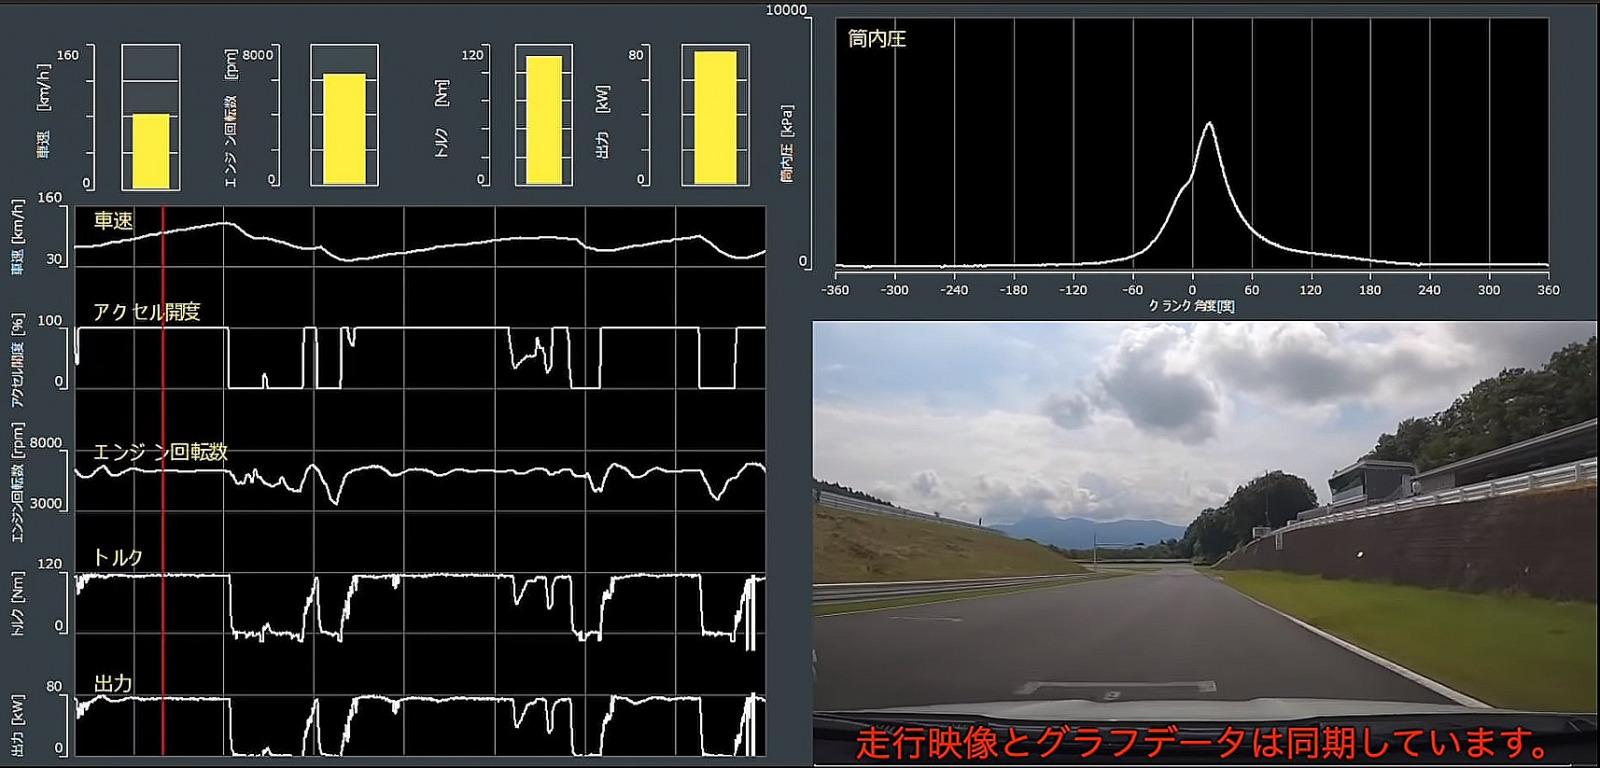 「トヨタ・ヤリスCVT・全日本ラリー参戦用清水和夫号の実走テストが始まった! エンジントルクを可視化できる解析機器とは?【SYE_X】」の6枚目の画像